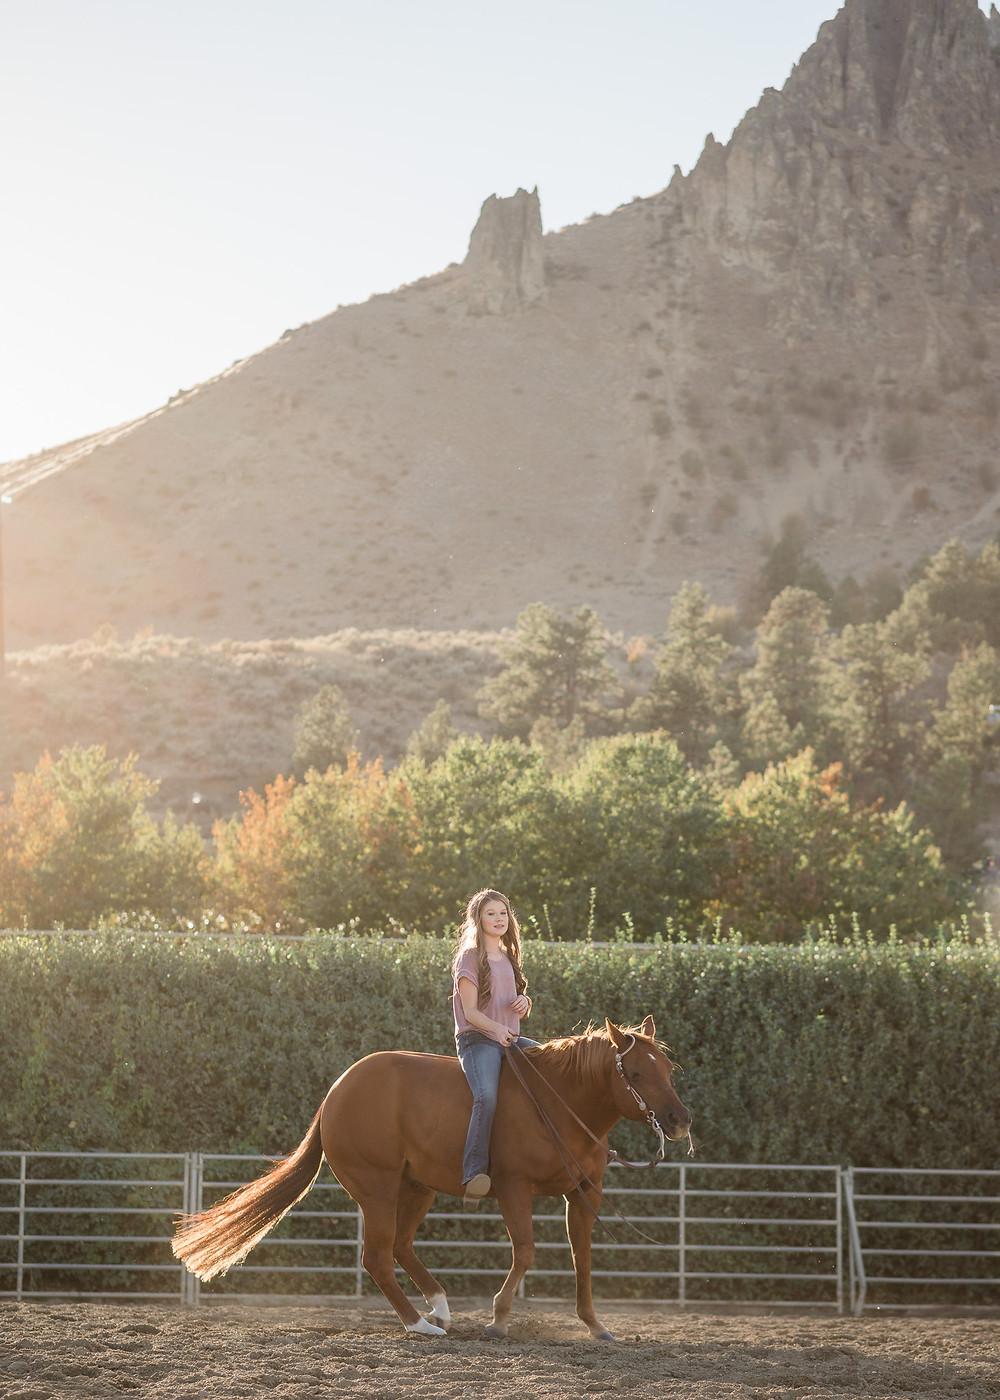 Kady riding Benltey bareback